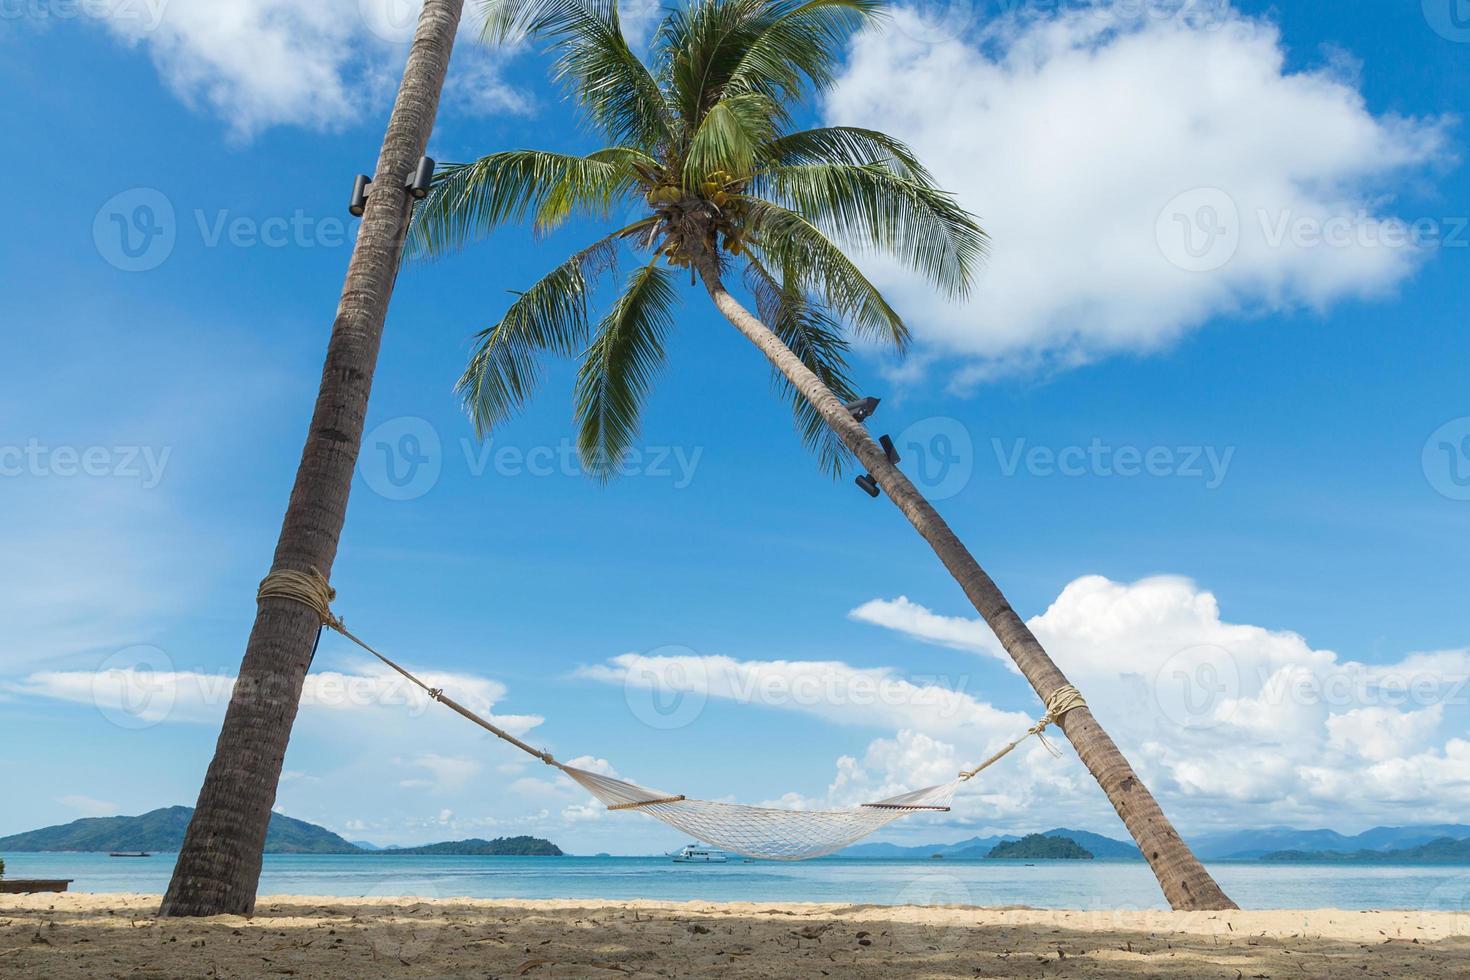 civière de plage photo